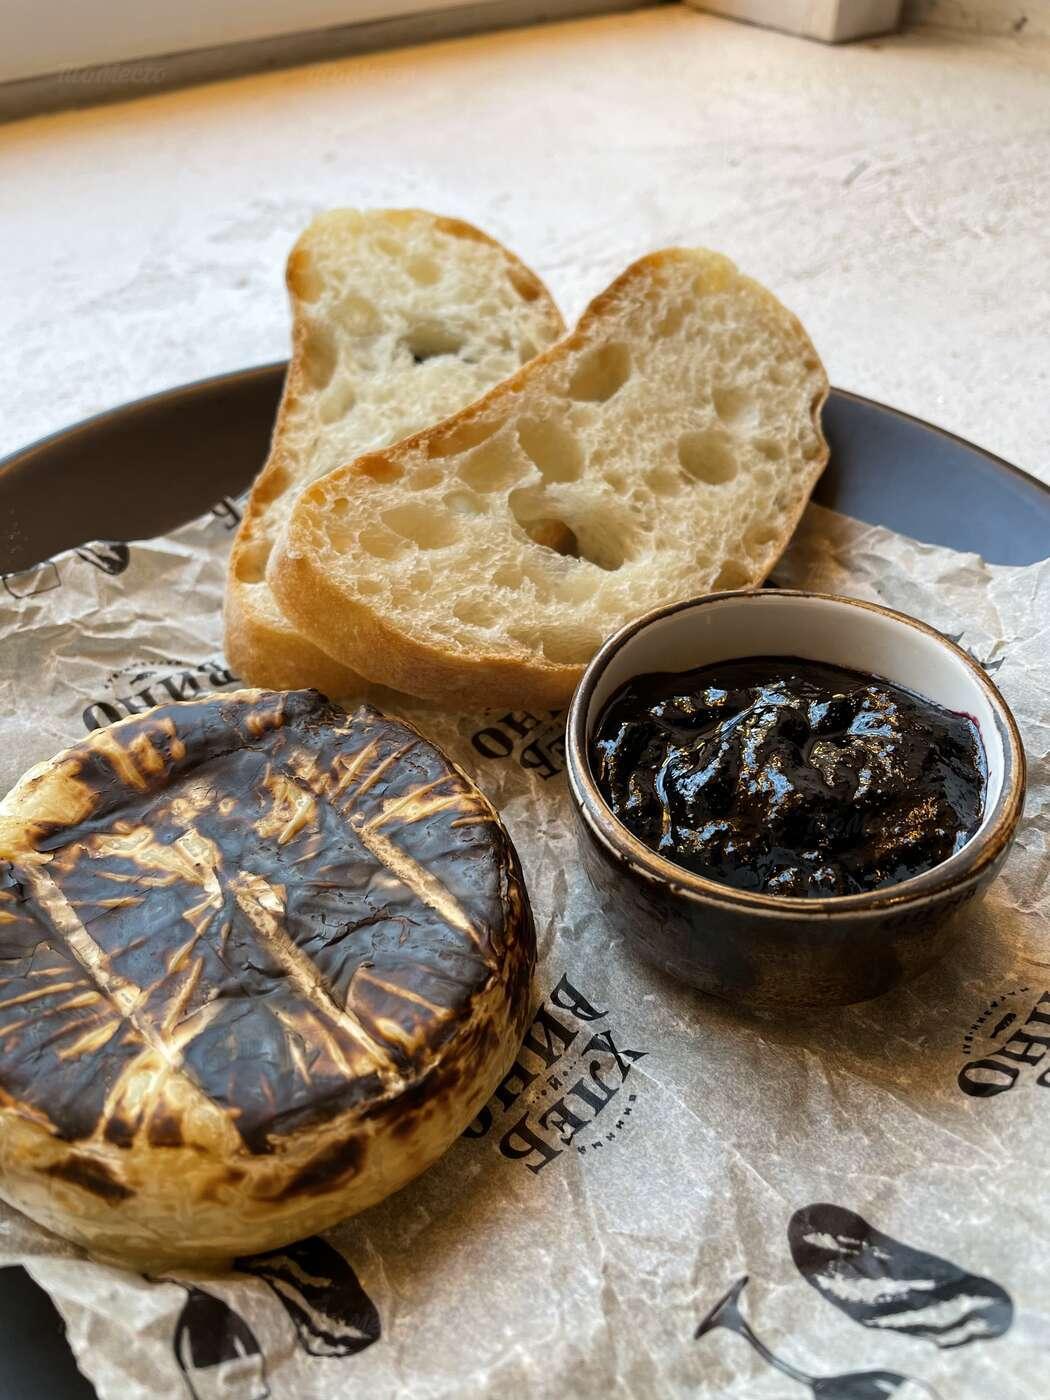 Меню ресторана Хлеб и вино в Большом Патриаршем переулке фото 11